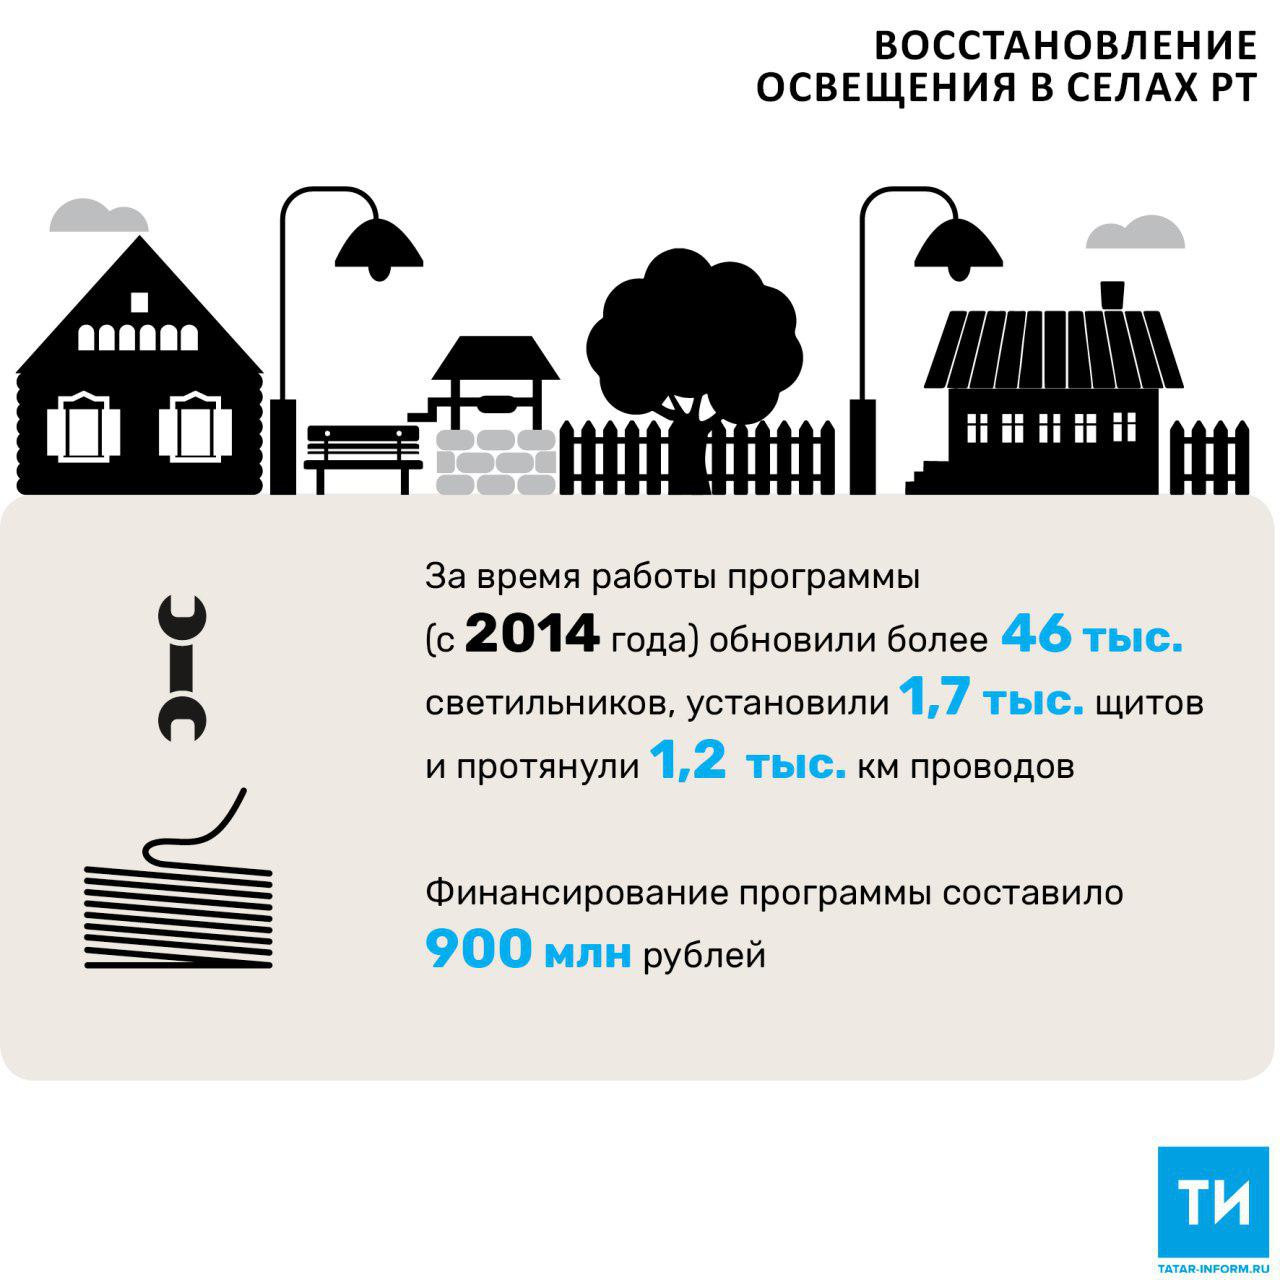 В 2017 году на восстановление освещения в селах РТ выделили 225 млн рублей